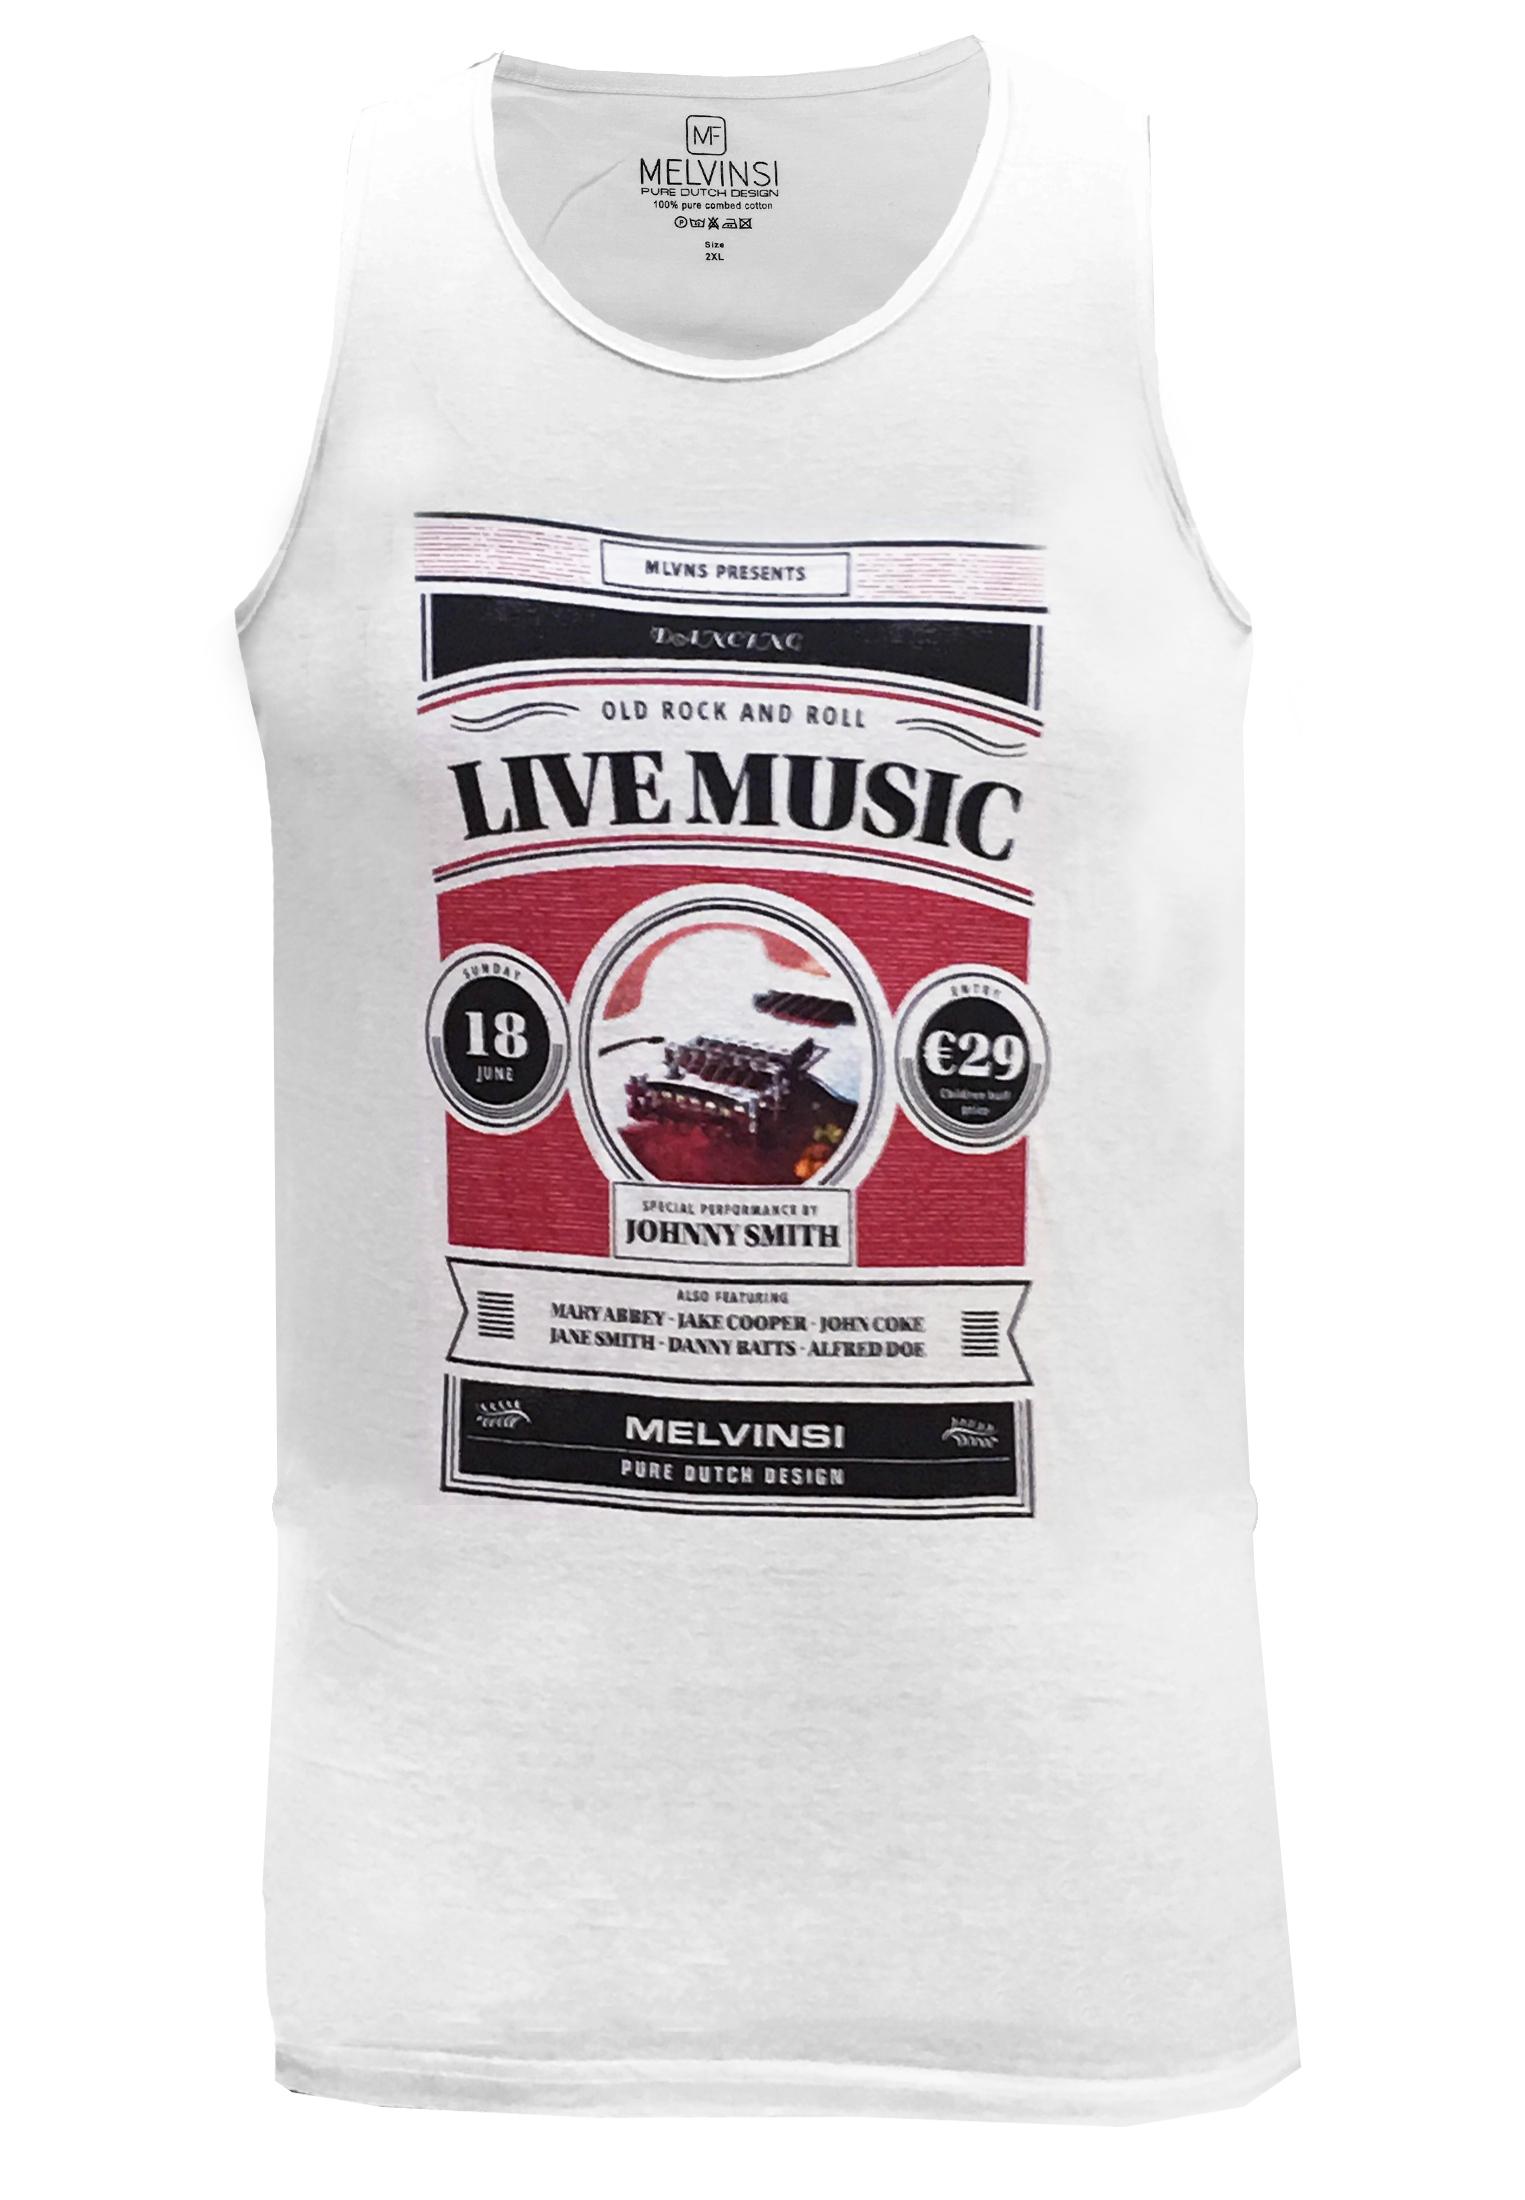 Witte tanktop van Melvinsi met leuke print en ronde hals. Zeer multifunctionele tanktop om te dragen, staat leuk op een spijkerbroek of op een joggingbroek als loungewear. Ideaal op de warme dagen of als het iets minder warm is onder een vest.